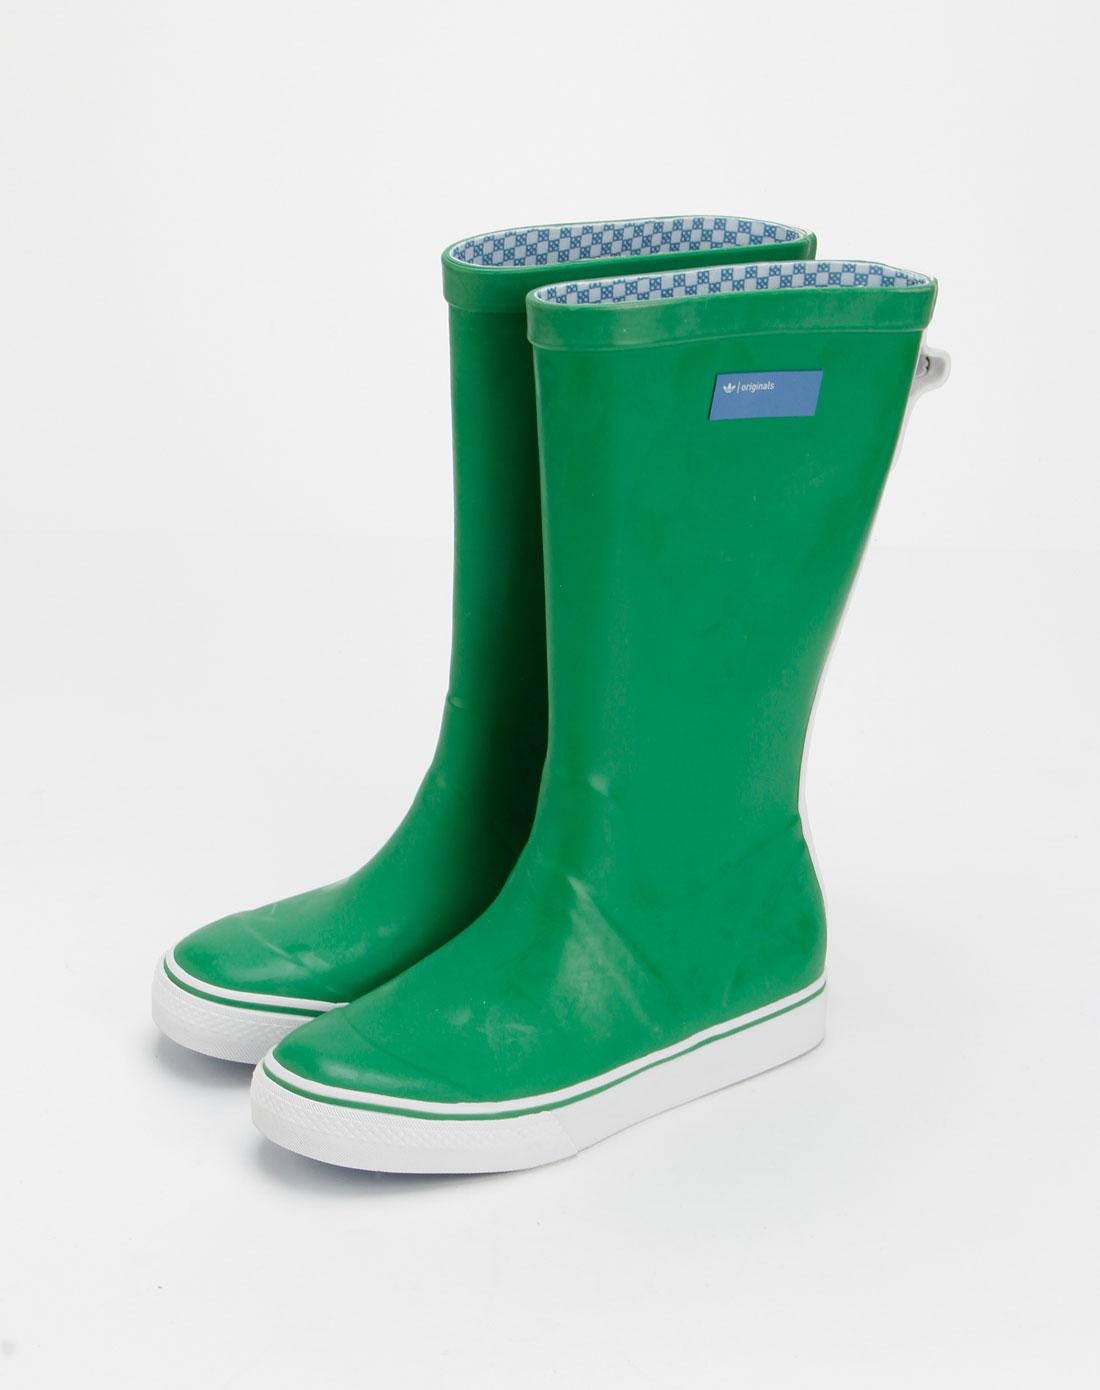 女款绿色休闲中筒雨靴